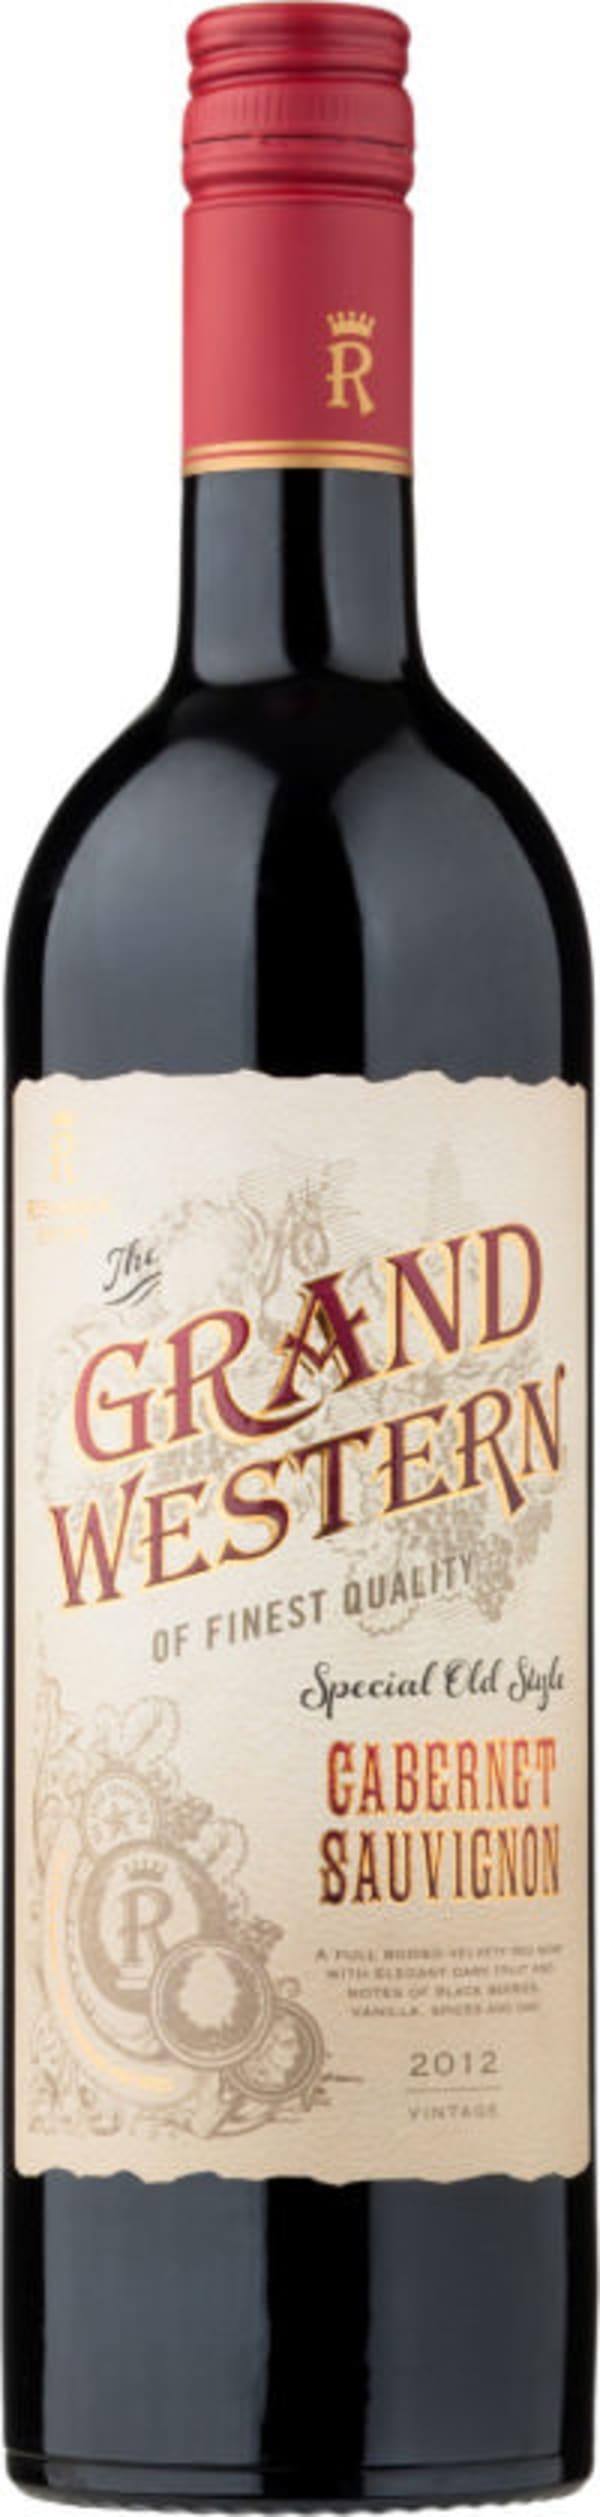 The Grand Western Cabernet Sauvignon 2014